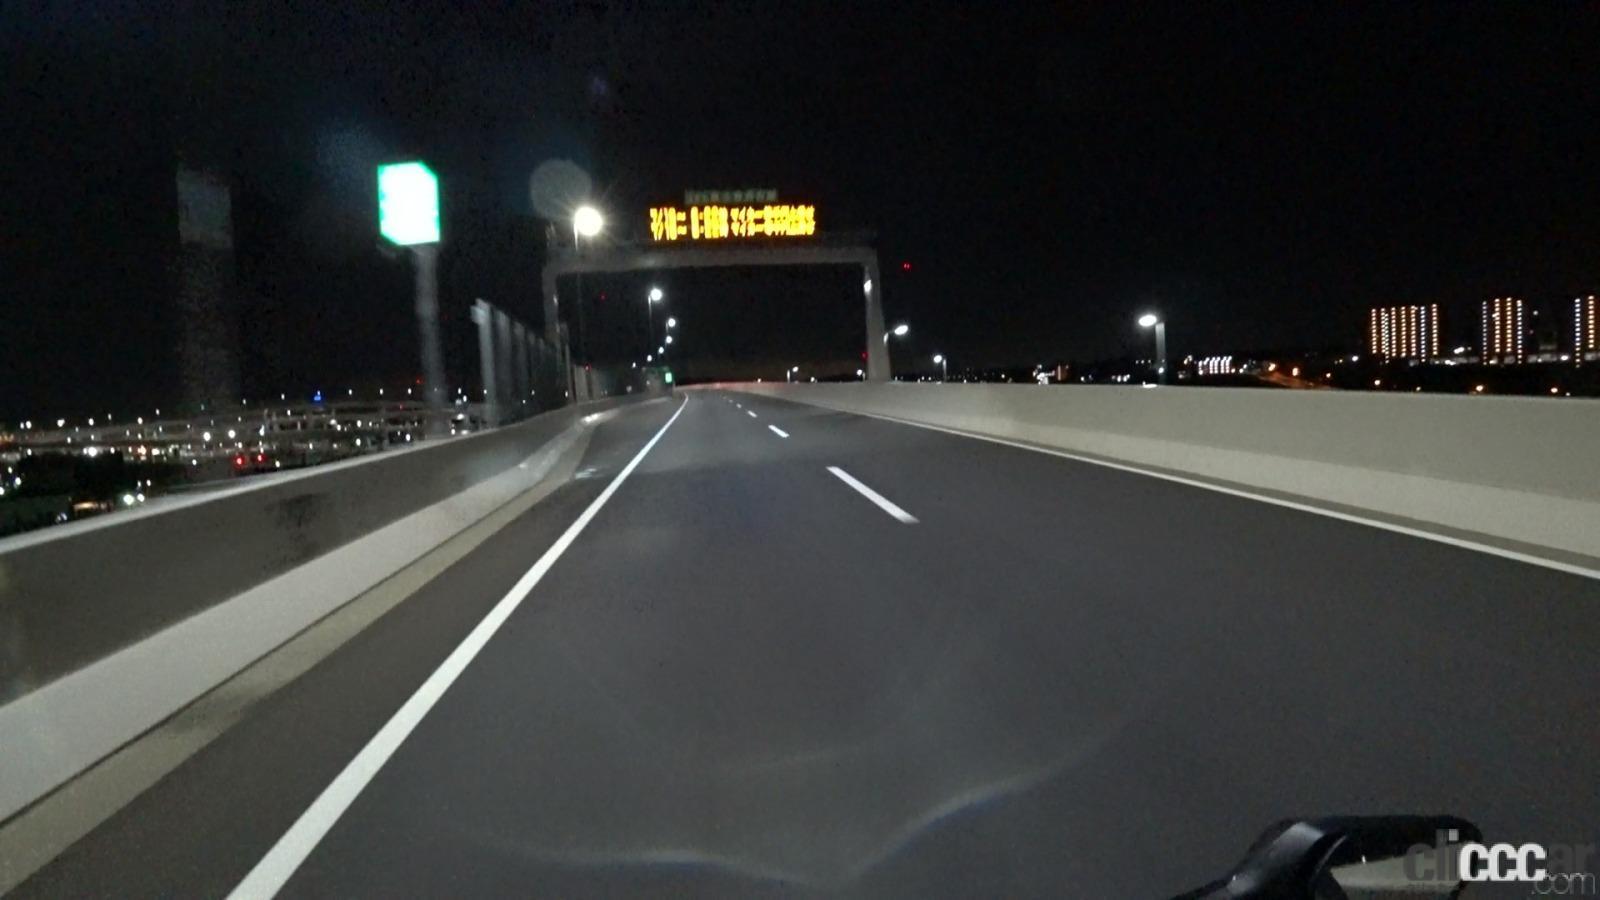 「東京オリンピック・パラリンピック2020期間中、昼間1000円増し乗用車も0時~4時の夜間は料金半額の首都高を走ってみた【週刊クルマのミライ】」の3枚目の画像